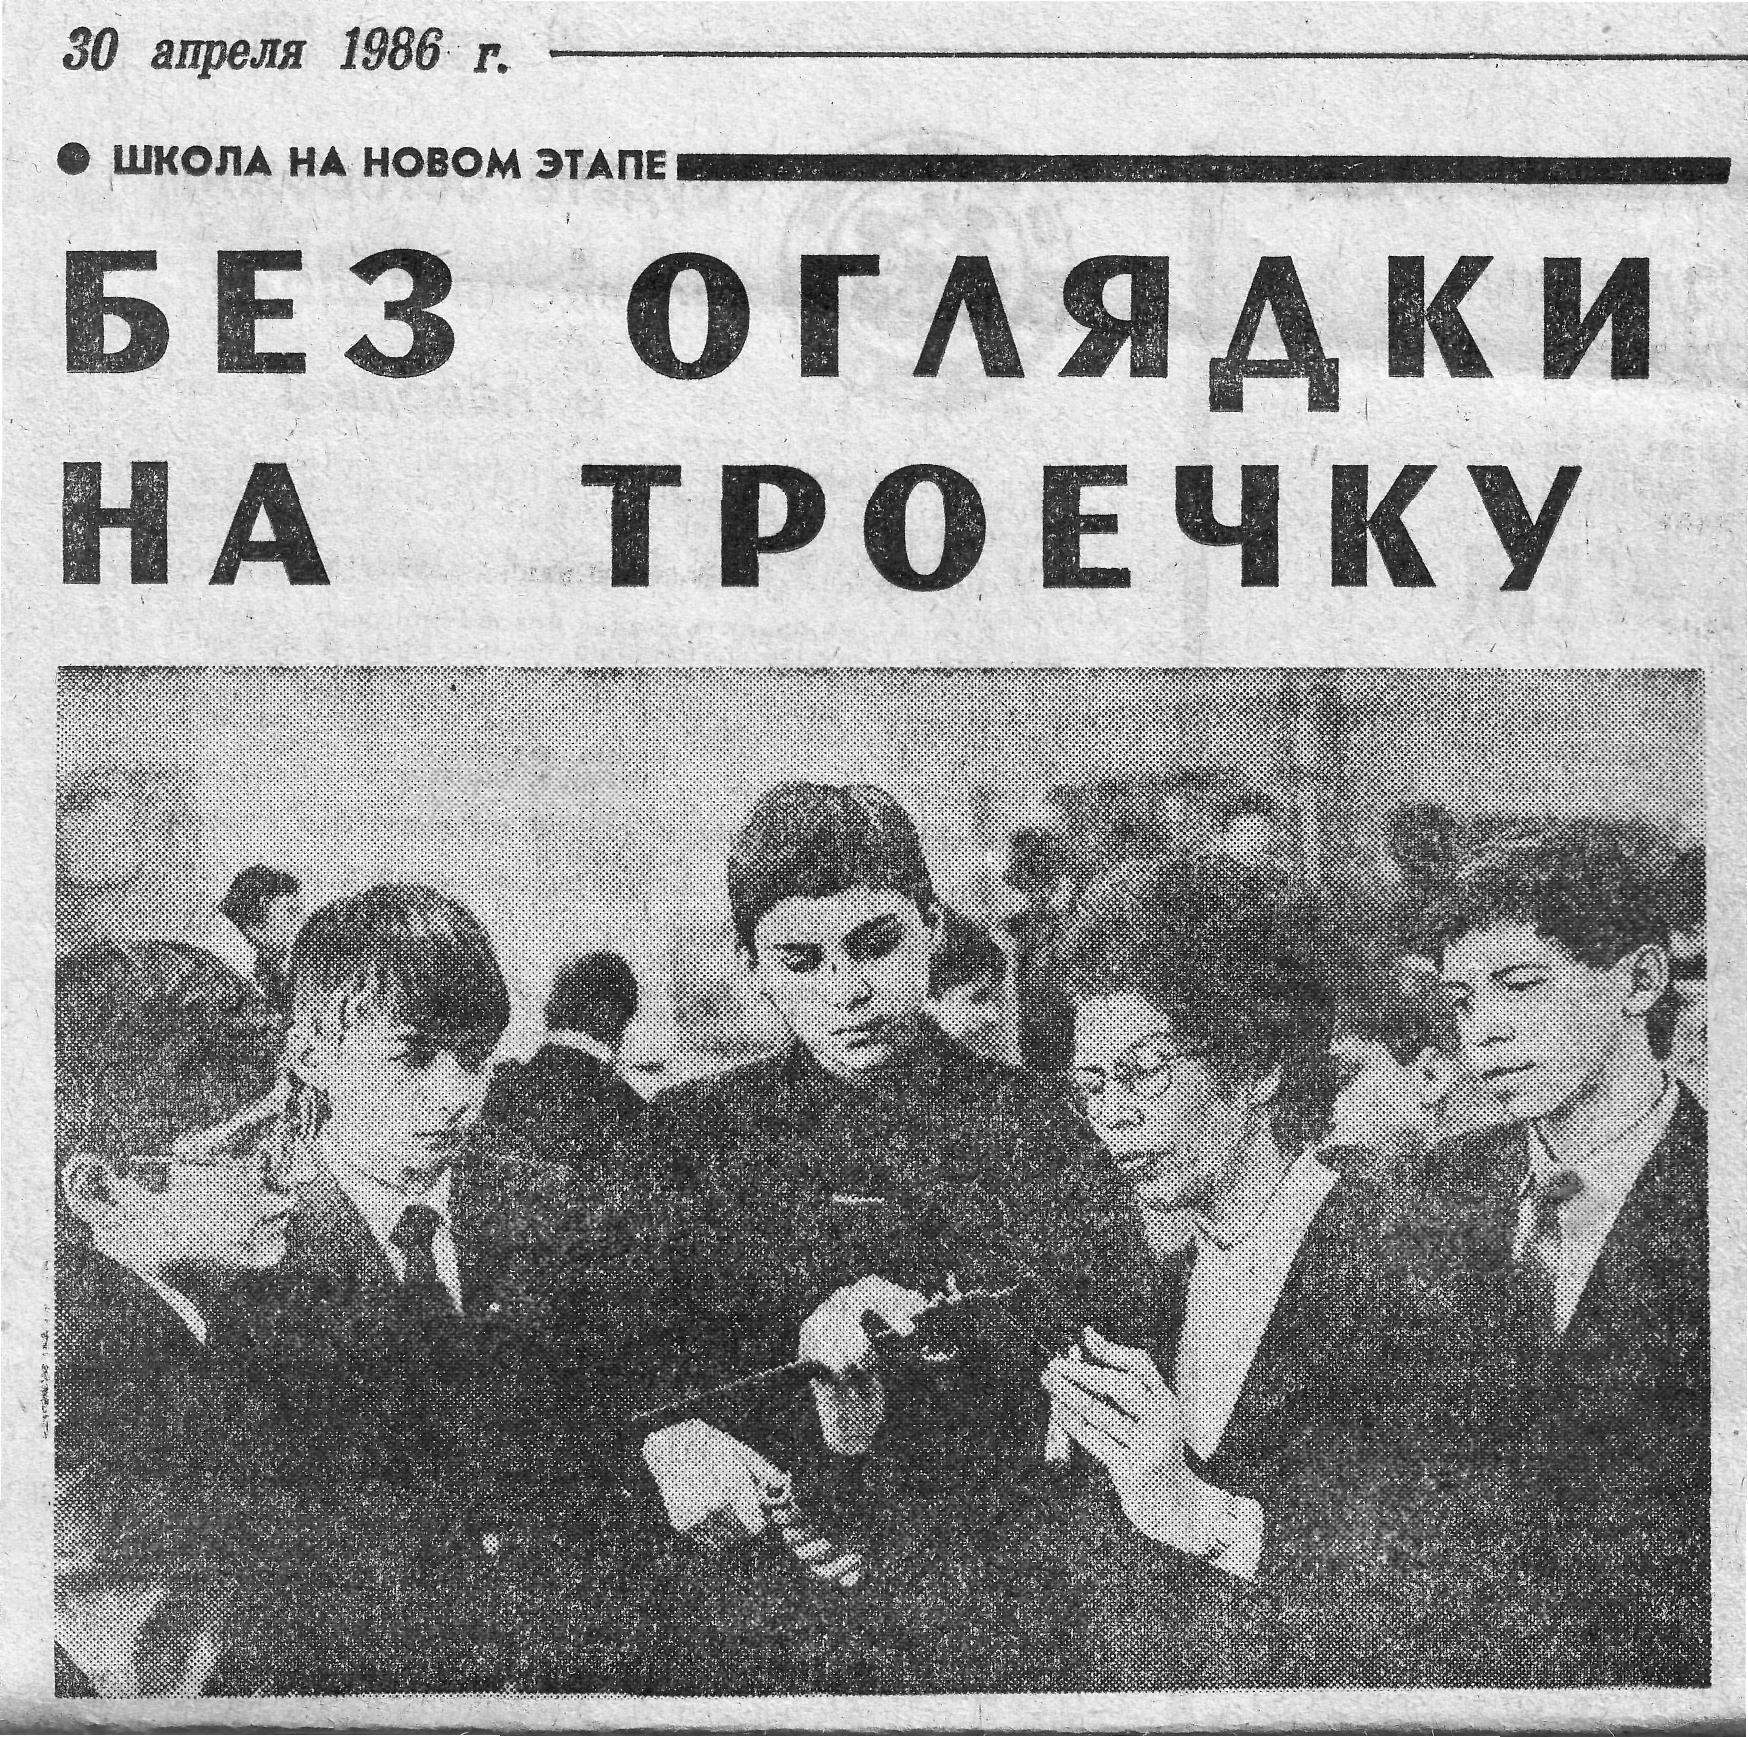 Фото в газете Тагильский рабочий. Л.И. Шубина с учениками 8Б класса